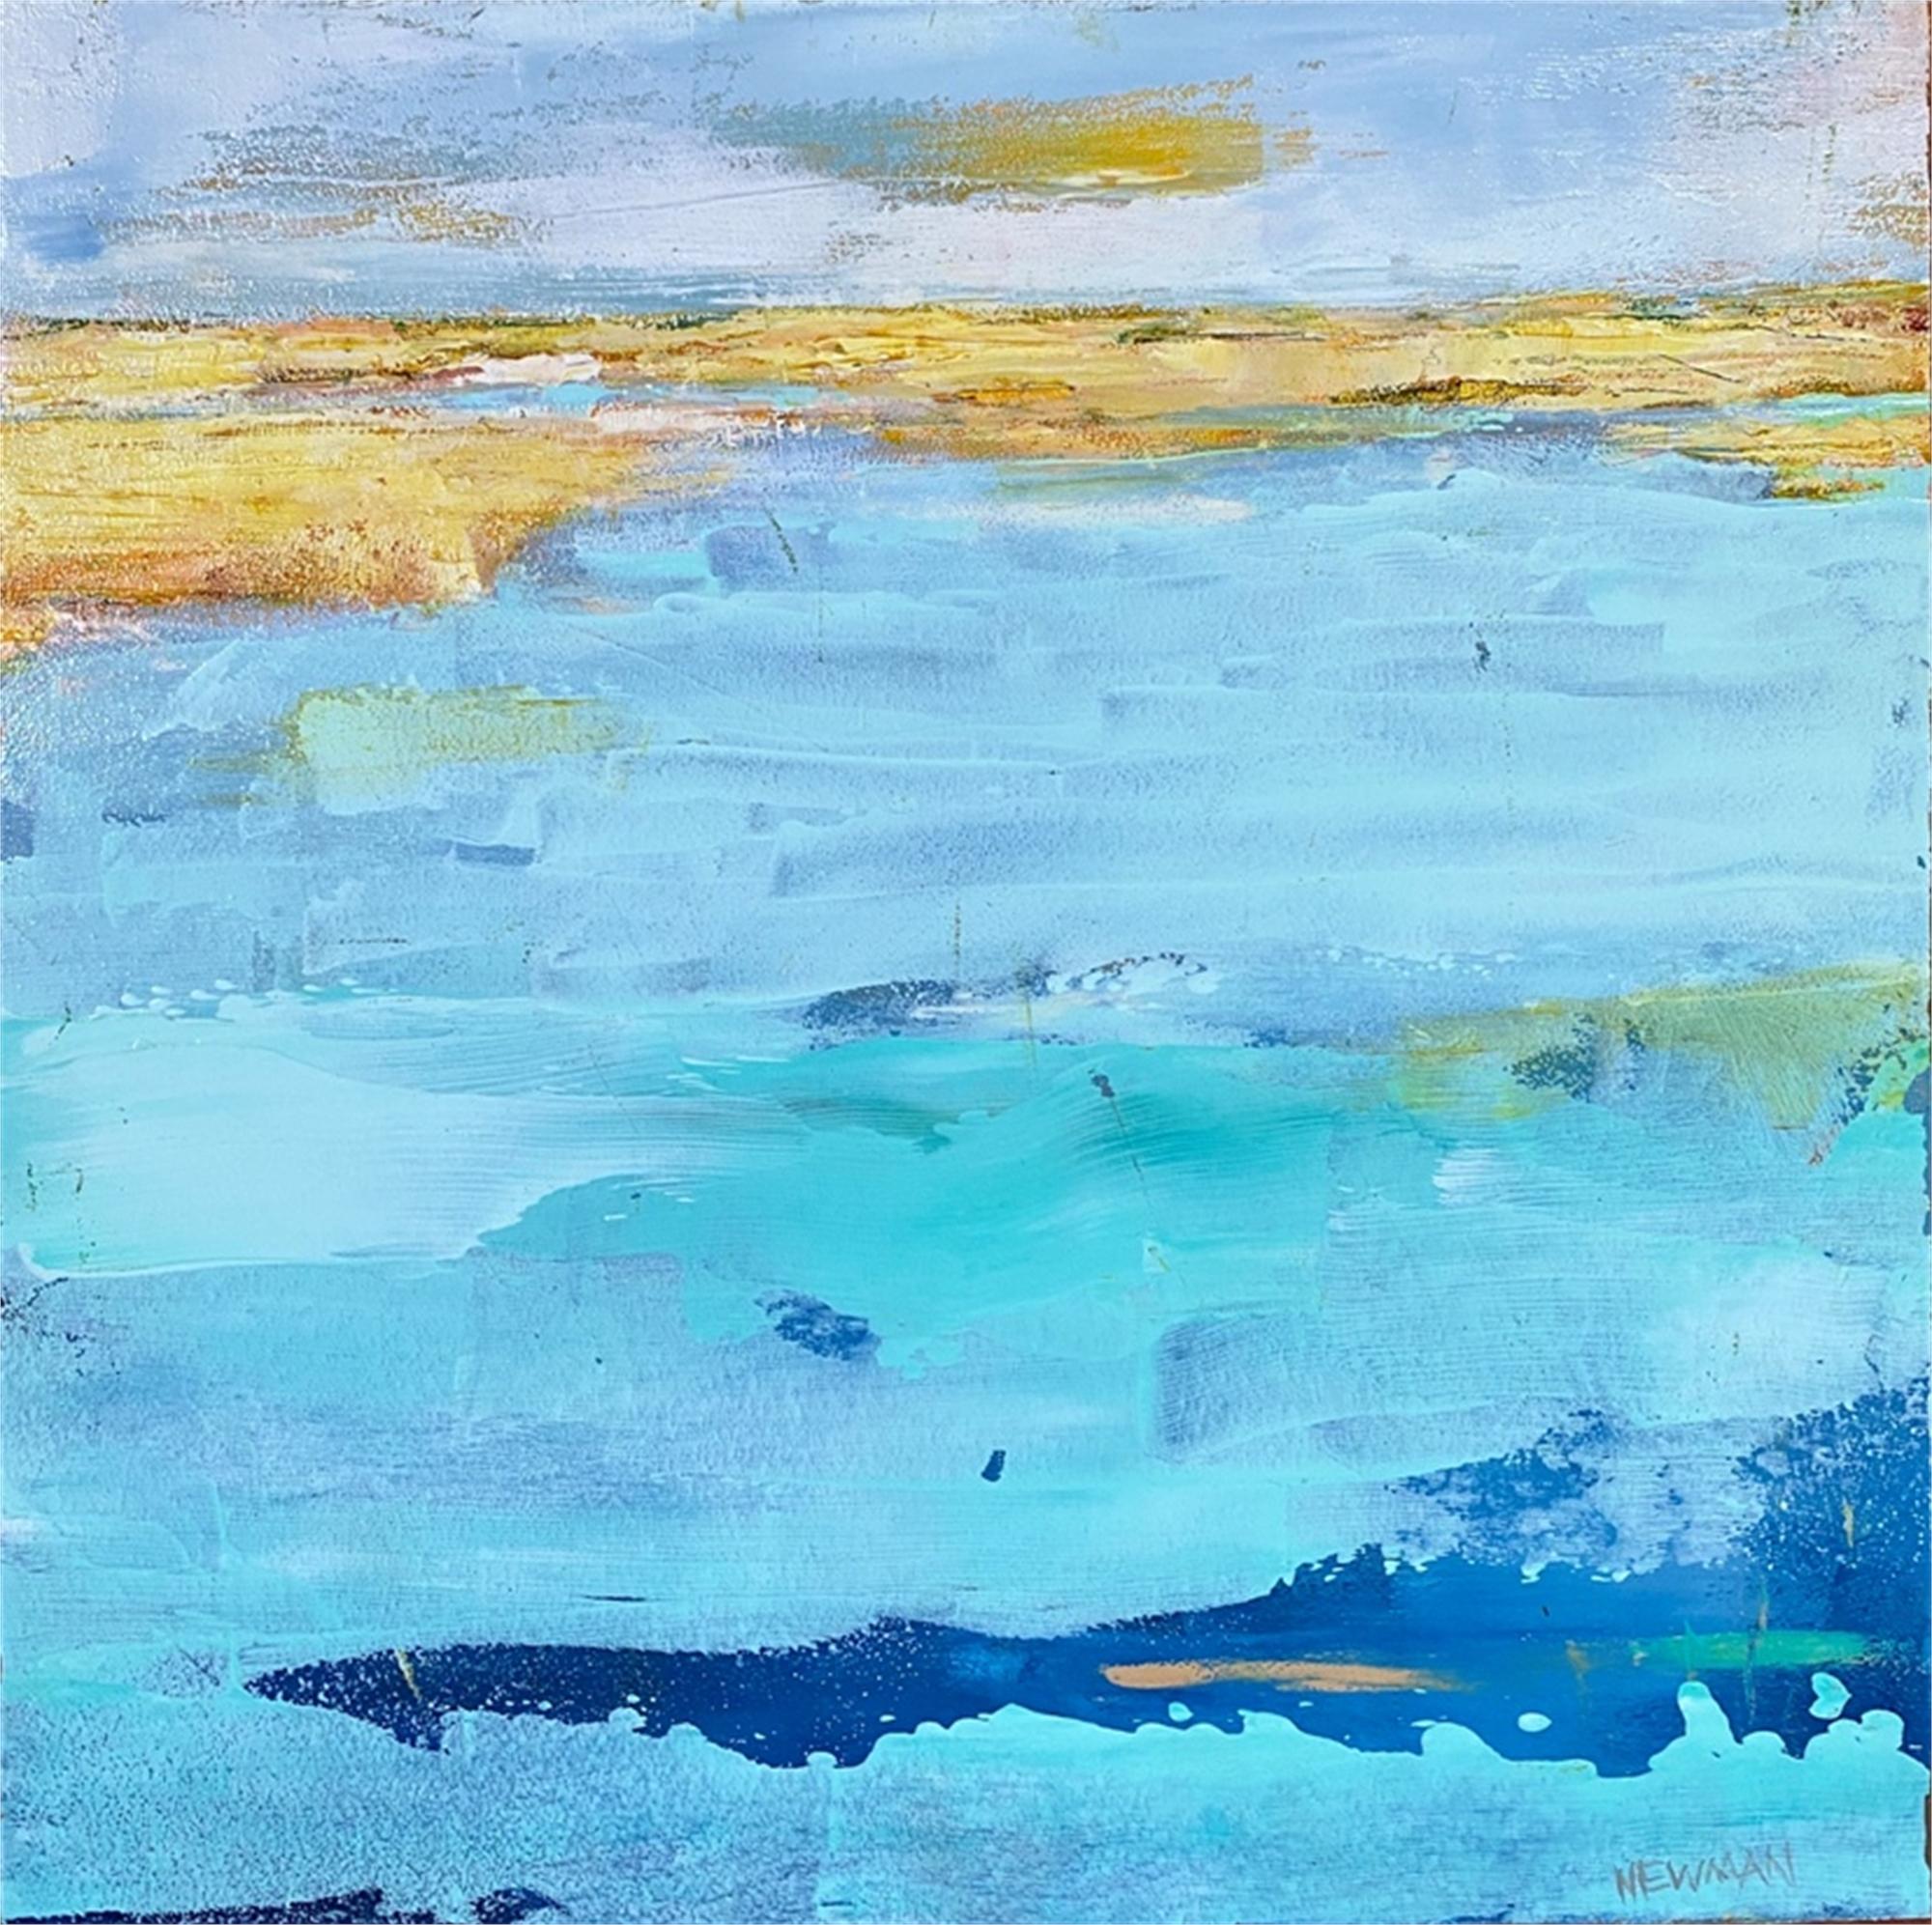 Sea Through by Marlise Newman